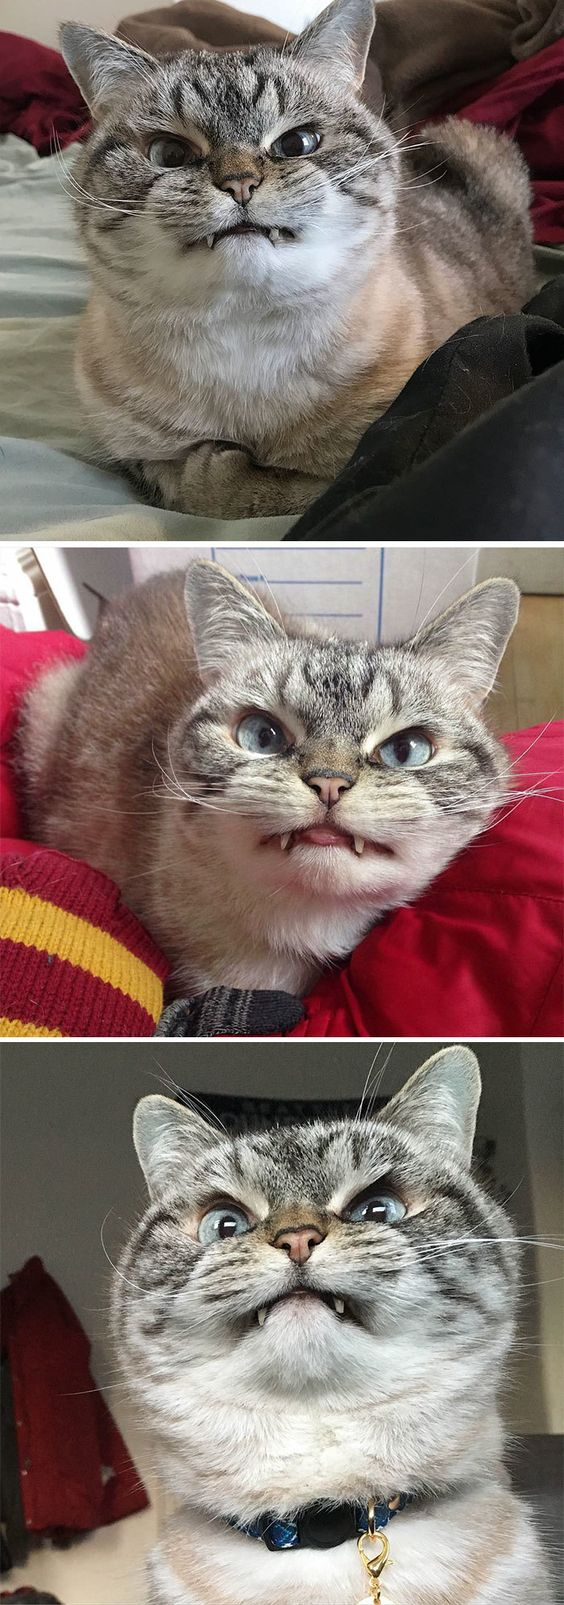 ป กพ นโดย Jomana ใน แมว Cats แมวน าร ก ร ปส ตว ขำๆ ล กแมว